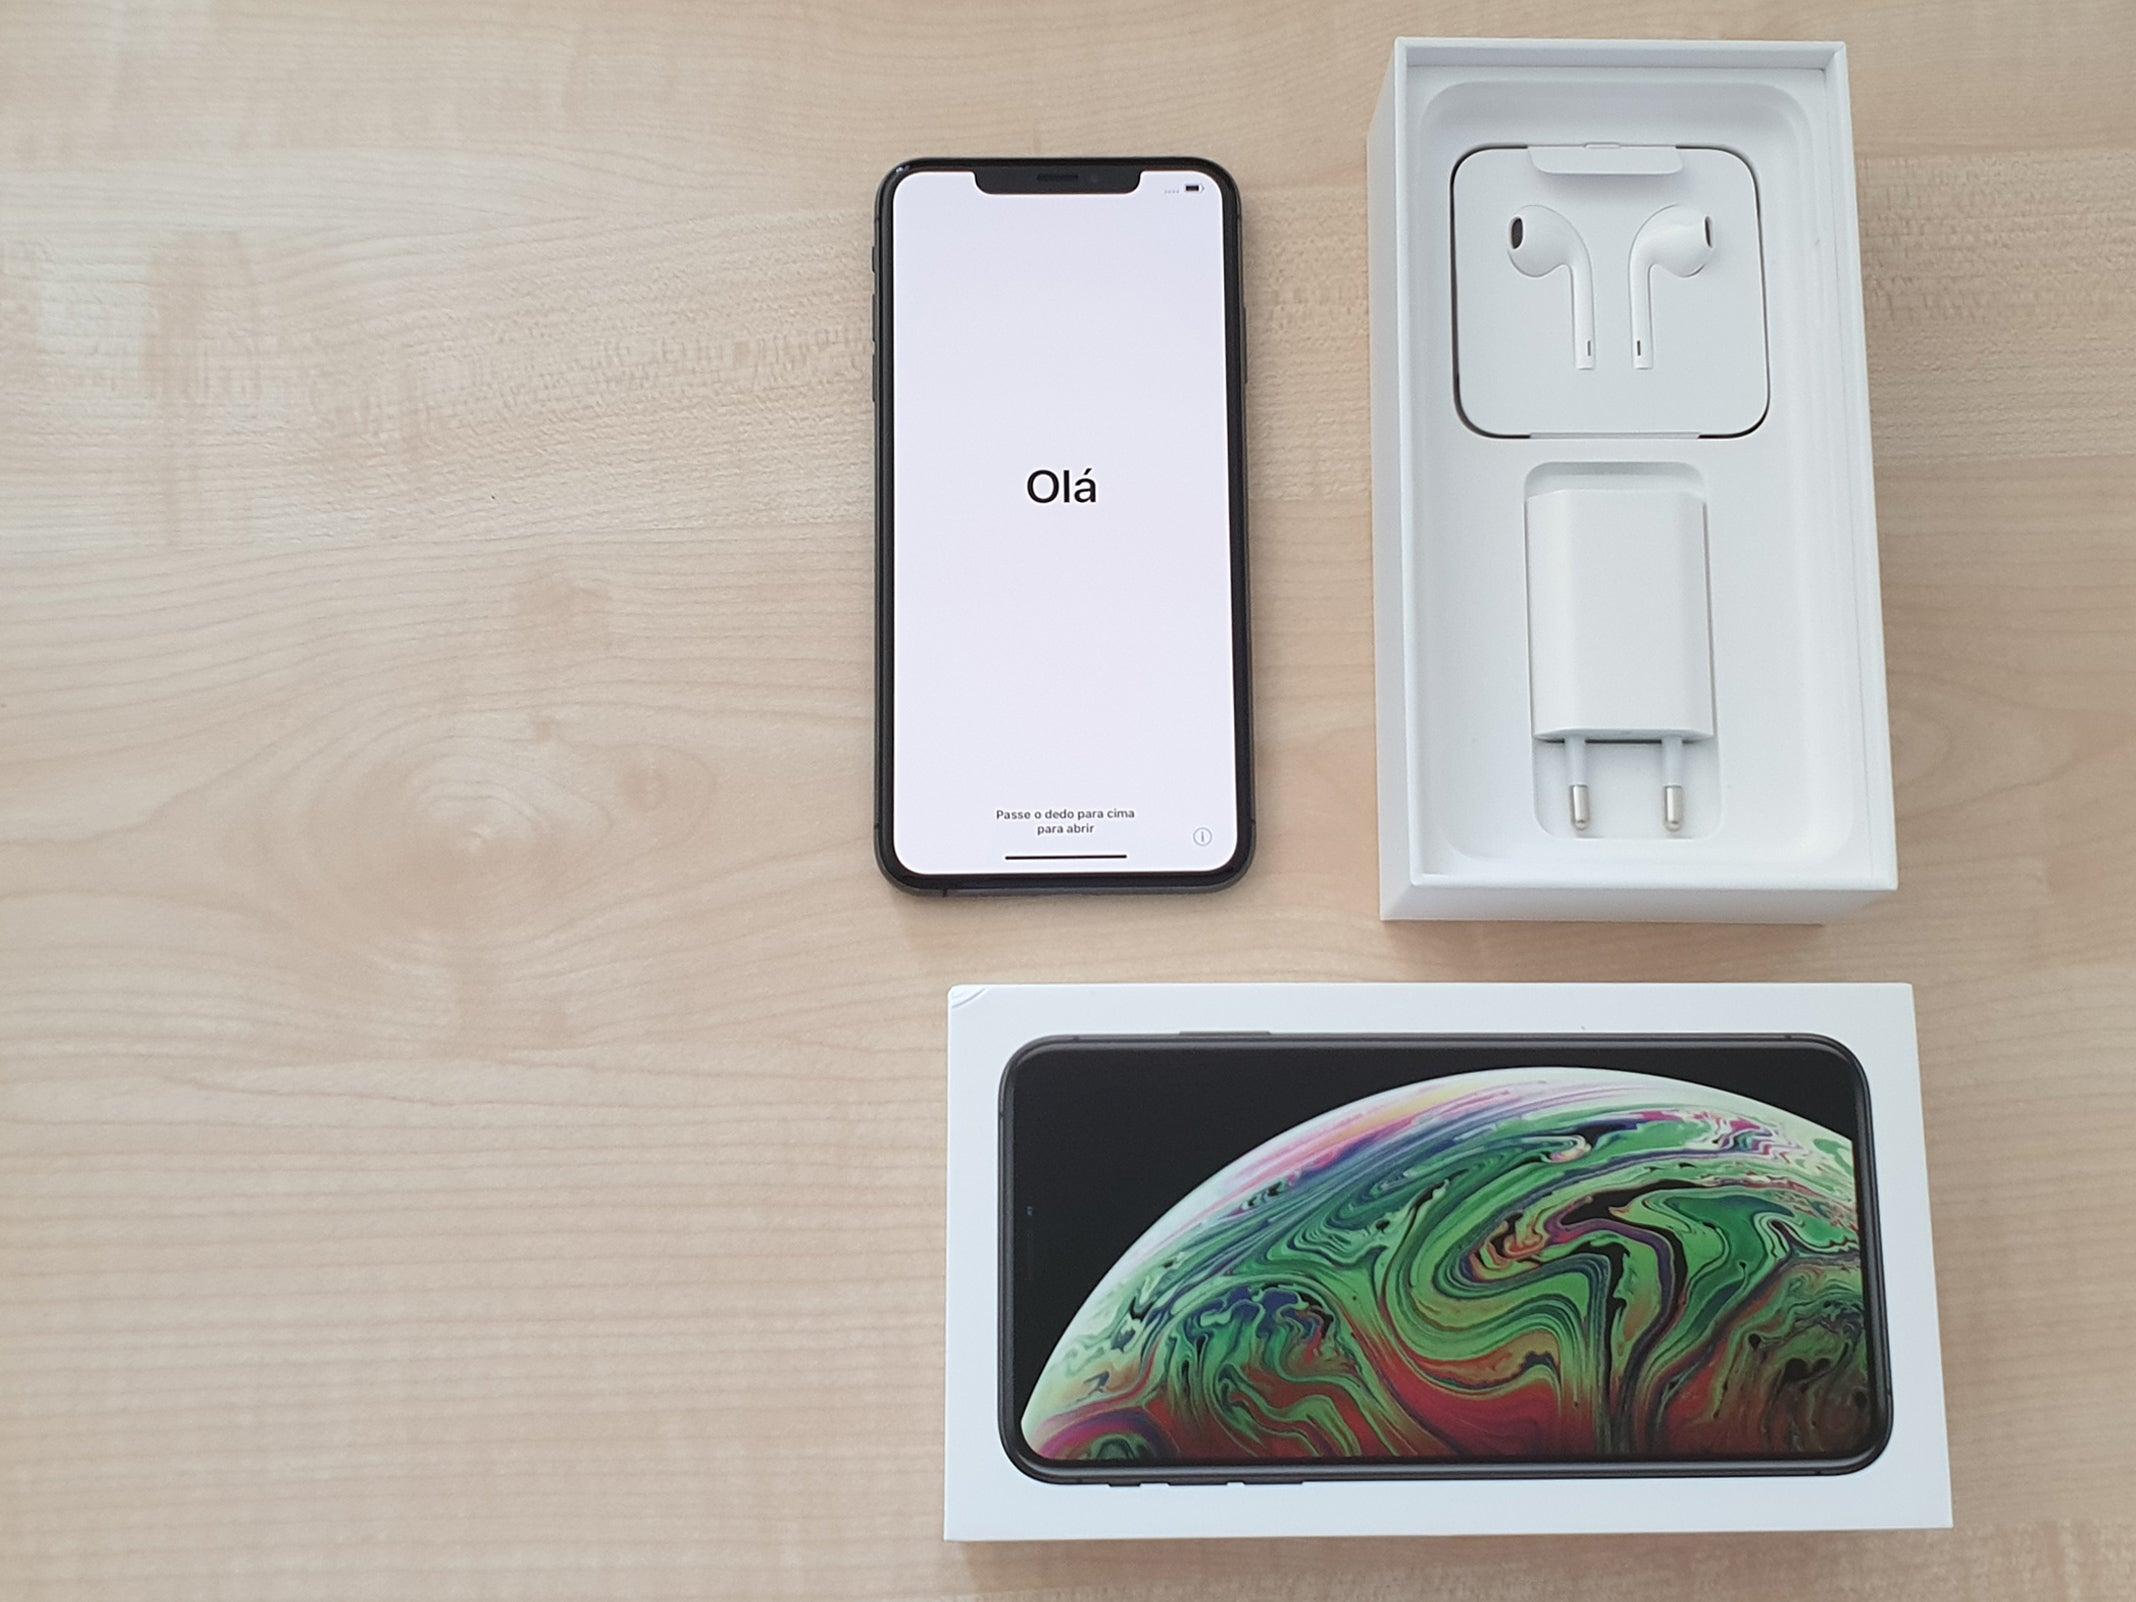 Der Lieferumfang des iPhone XS Max ausgepackt.